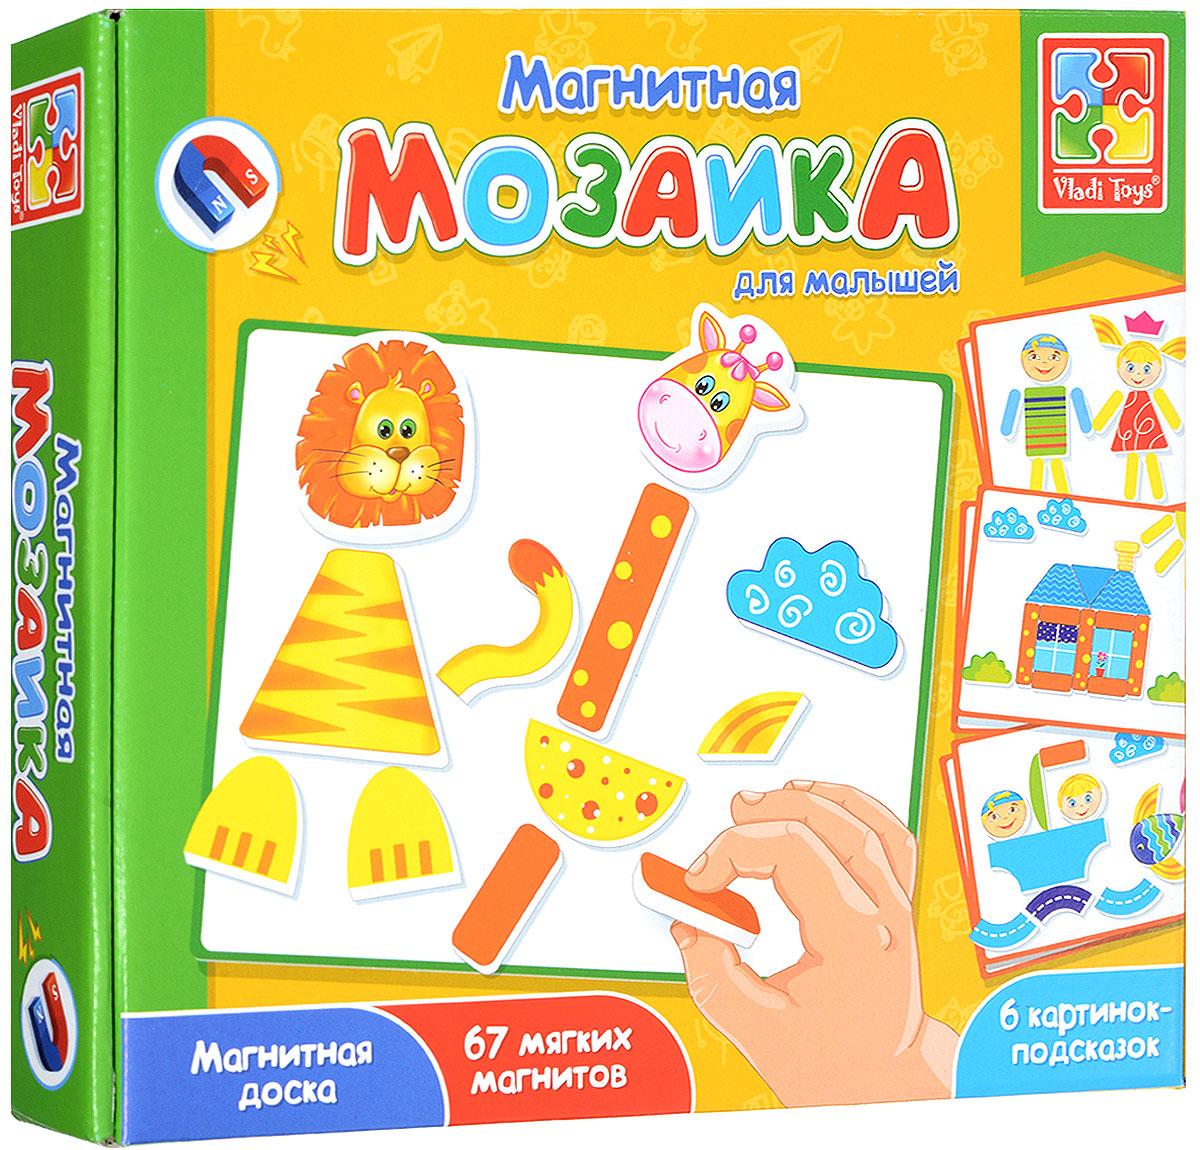 Vladi Toys Мозаика магнитная Львенок и жирафVT3701-02Магнитная мозаика Vladi Toys Львенок и жираф увлечет ребенка и будет способствовать развитию его творческих навыков. Элементы мозаики сделаны на магнитной основе, но при этом они мягкие на ощупь. Если ребенку надоела мозаика, он может взять в руки многоразовый маркер и рисовать им на другой стороне магнитной доски. Подобная игра развивает у ребенка творческий потенциал и любовь к искусству. Мозаика состоит из 67 деталей и специальной магнитной доски, на которой удобно складывать картинки или рисовать. В набор также входит инструкция, которой можно воспользоваться для сборки картинок по представленным образцам, а можно включить фантазию и создавать оригинальные рисунки самостоятельно. Магнитная мозаика позволит фантазировать и собирать забавных персонажей из магнитных деталей. Можно собирать картинки и по представленным образцам, но не менее интересно придумывать их самим.